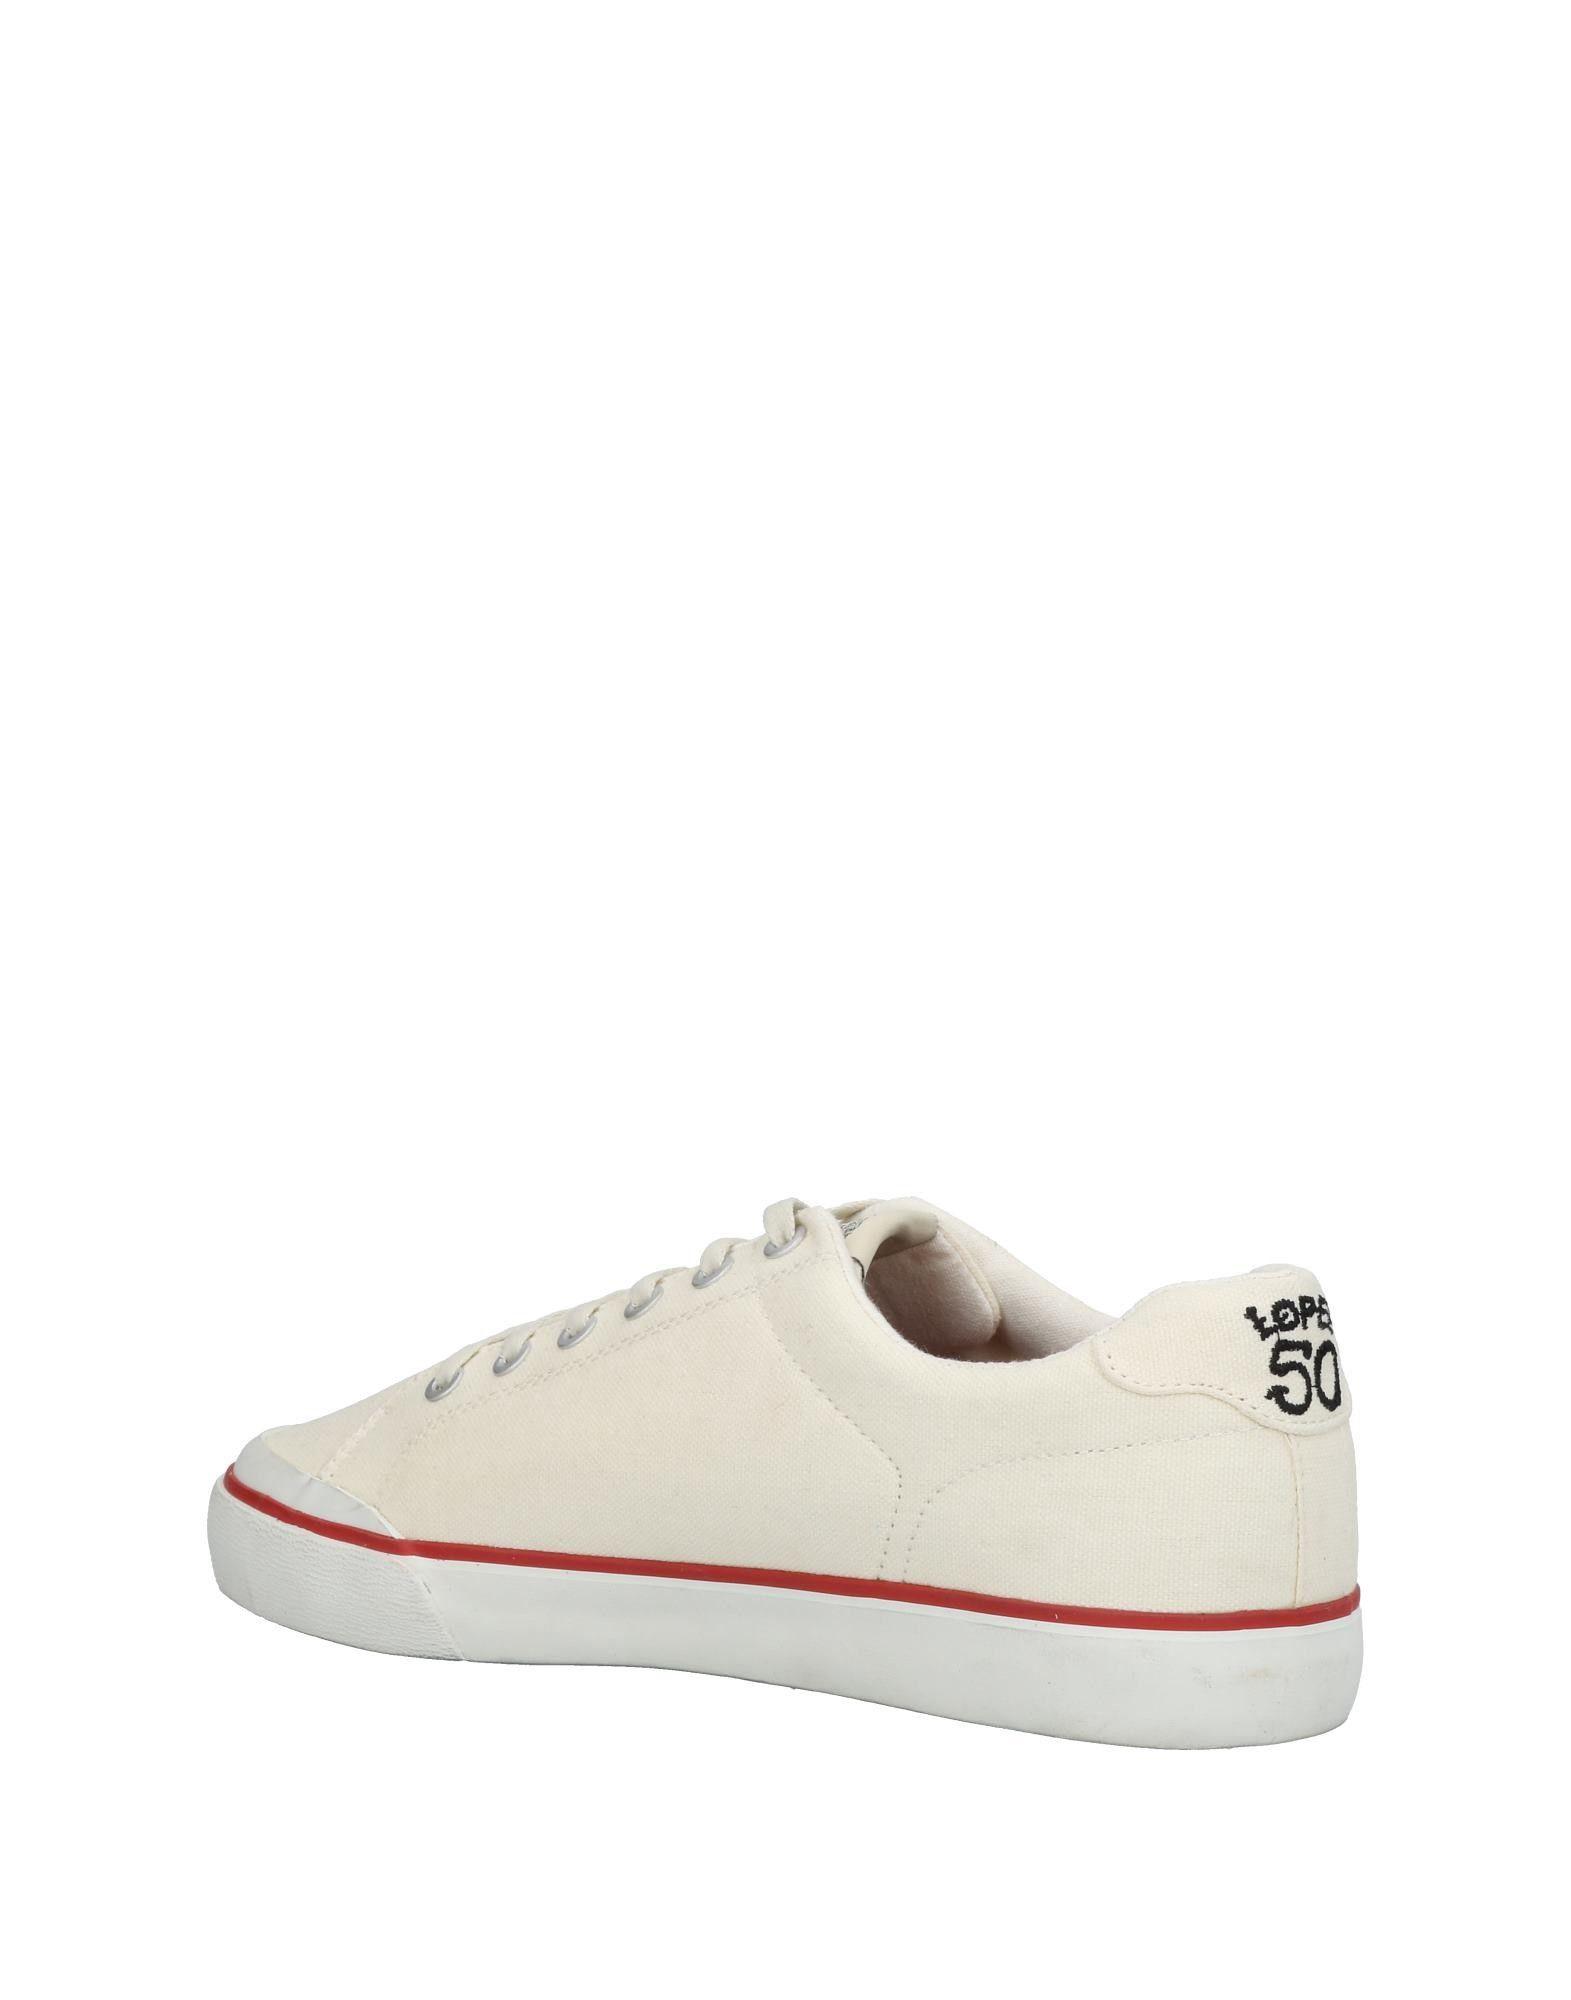 Rabatt Herren echte Schuhe C1rca Sneakers Herren Rabatt  11462026PE c65bc1